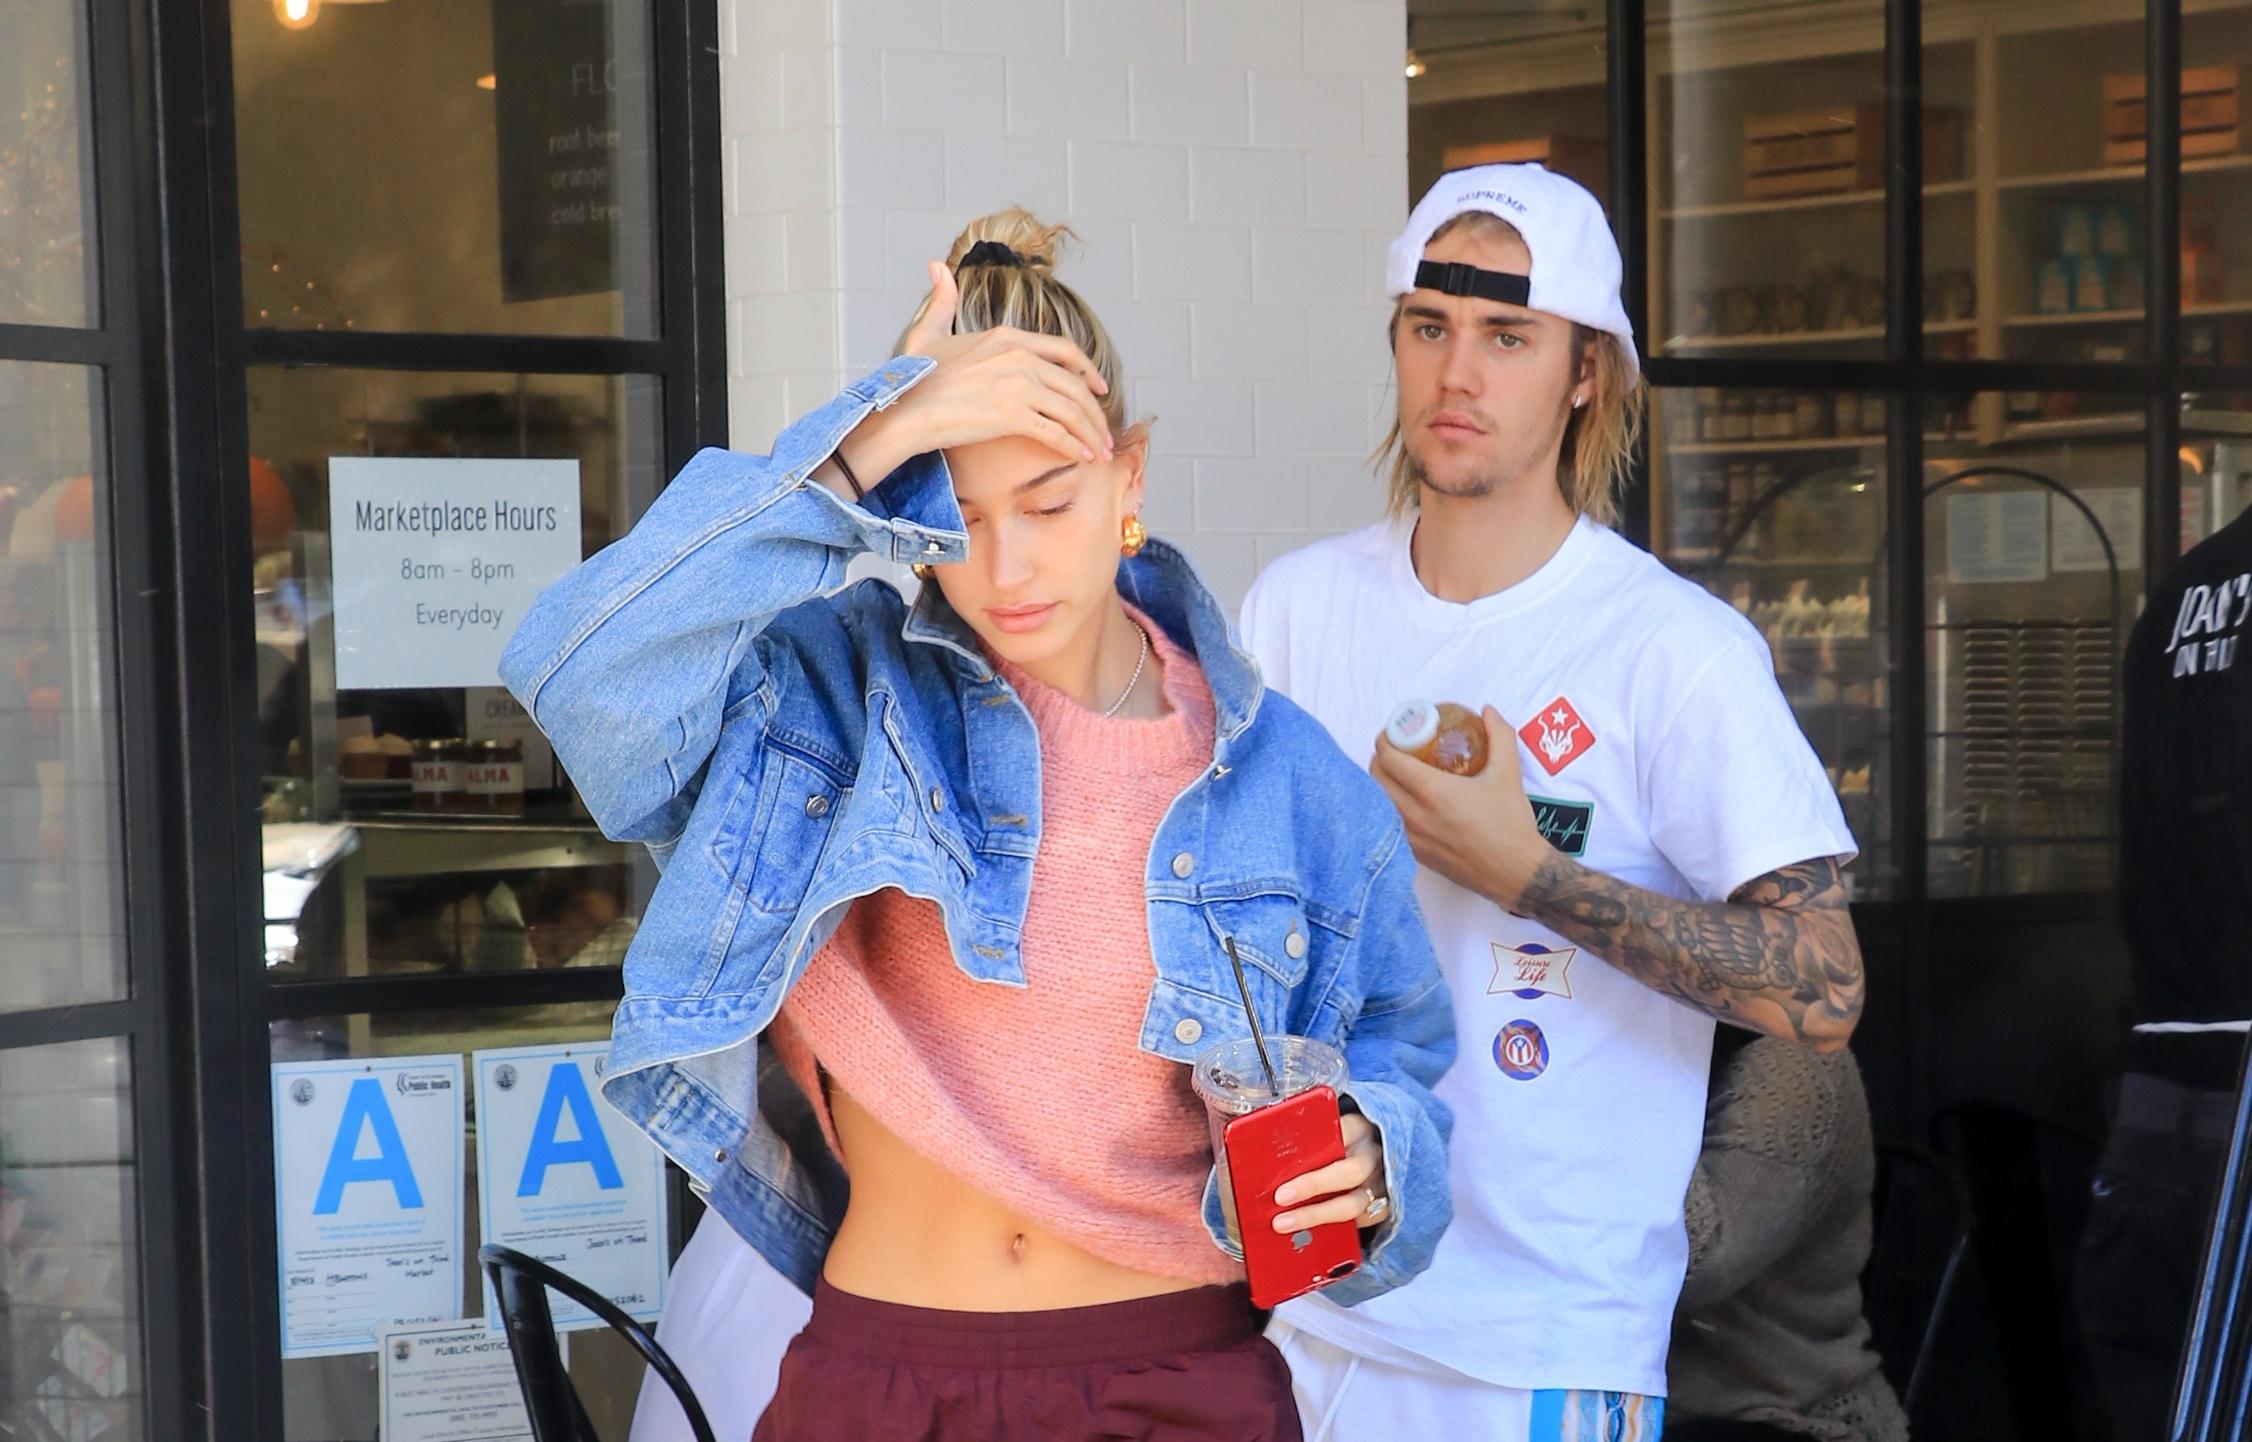 Imaginile postate de Justin Bieber, care au stârnit isterie printre fani. GALERIE FOTO